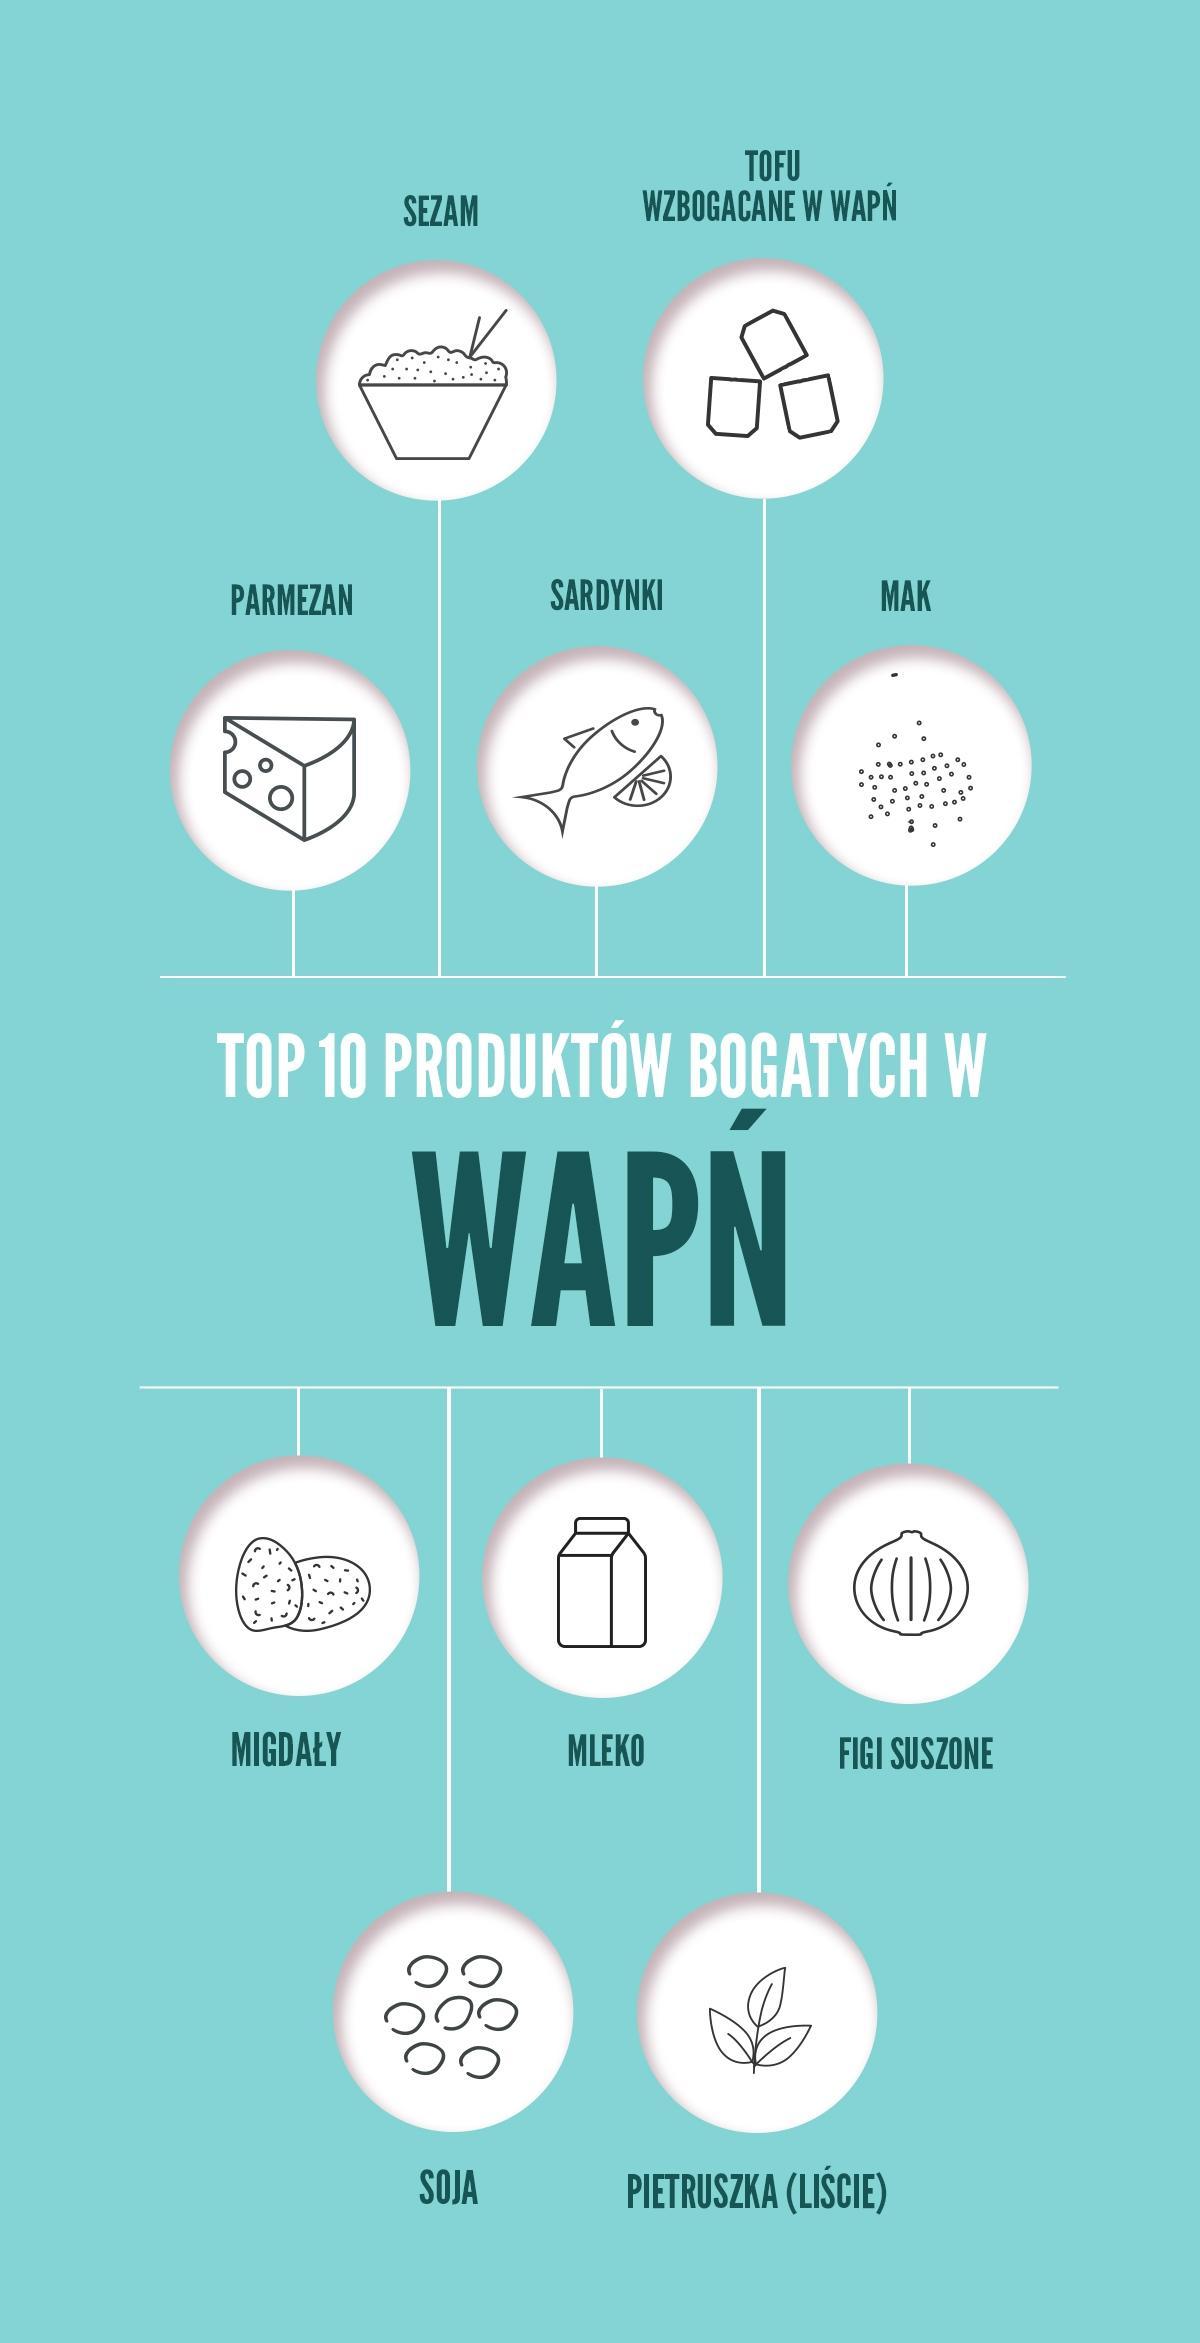 Produkty bogate w wapń - top 10 – infografika